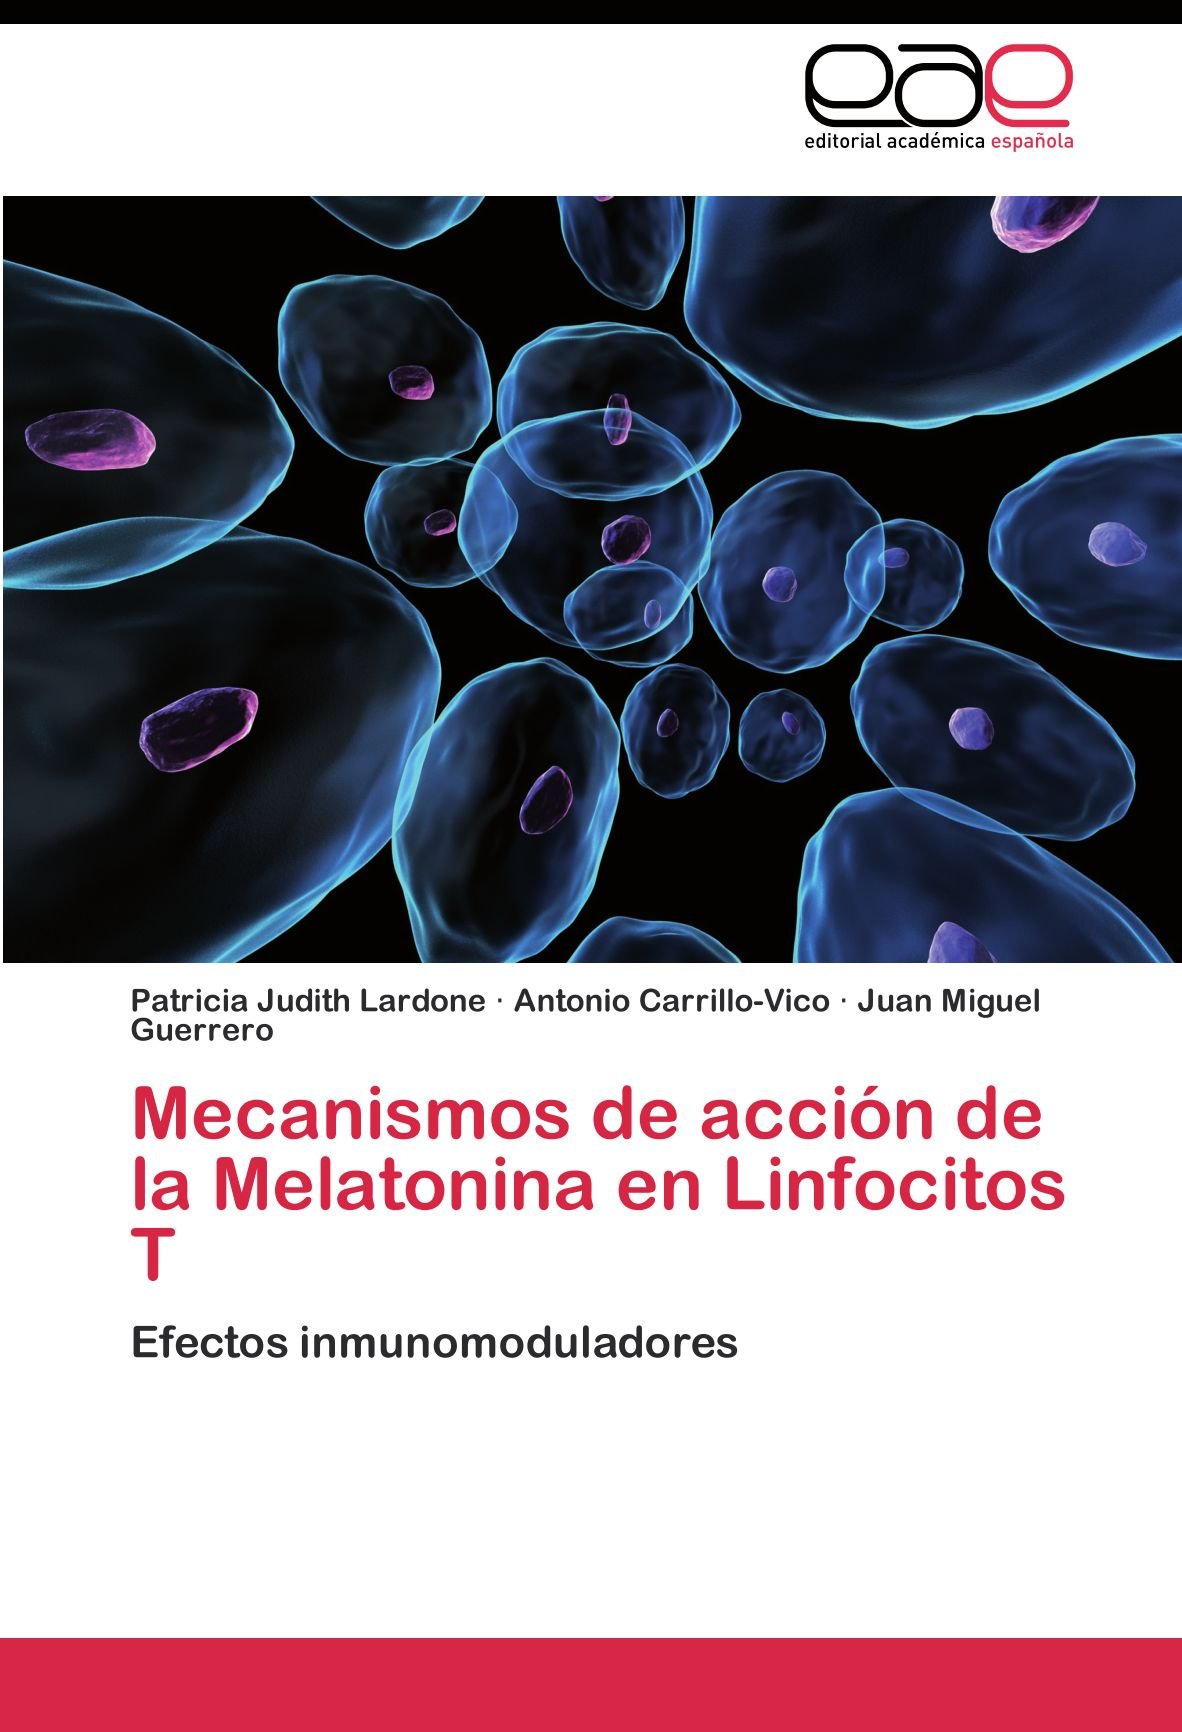 Mecanismos de acción de la Melatonina en Linfocitos T: Amazon.es: Lardone Patricia Judith, Carrillo-Vico Antonio, Guerrero Juan Miguel: Libros